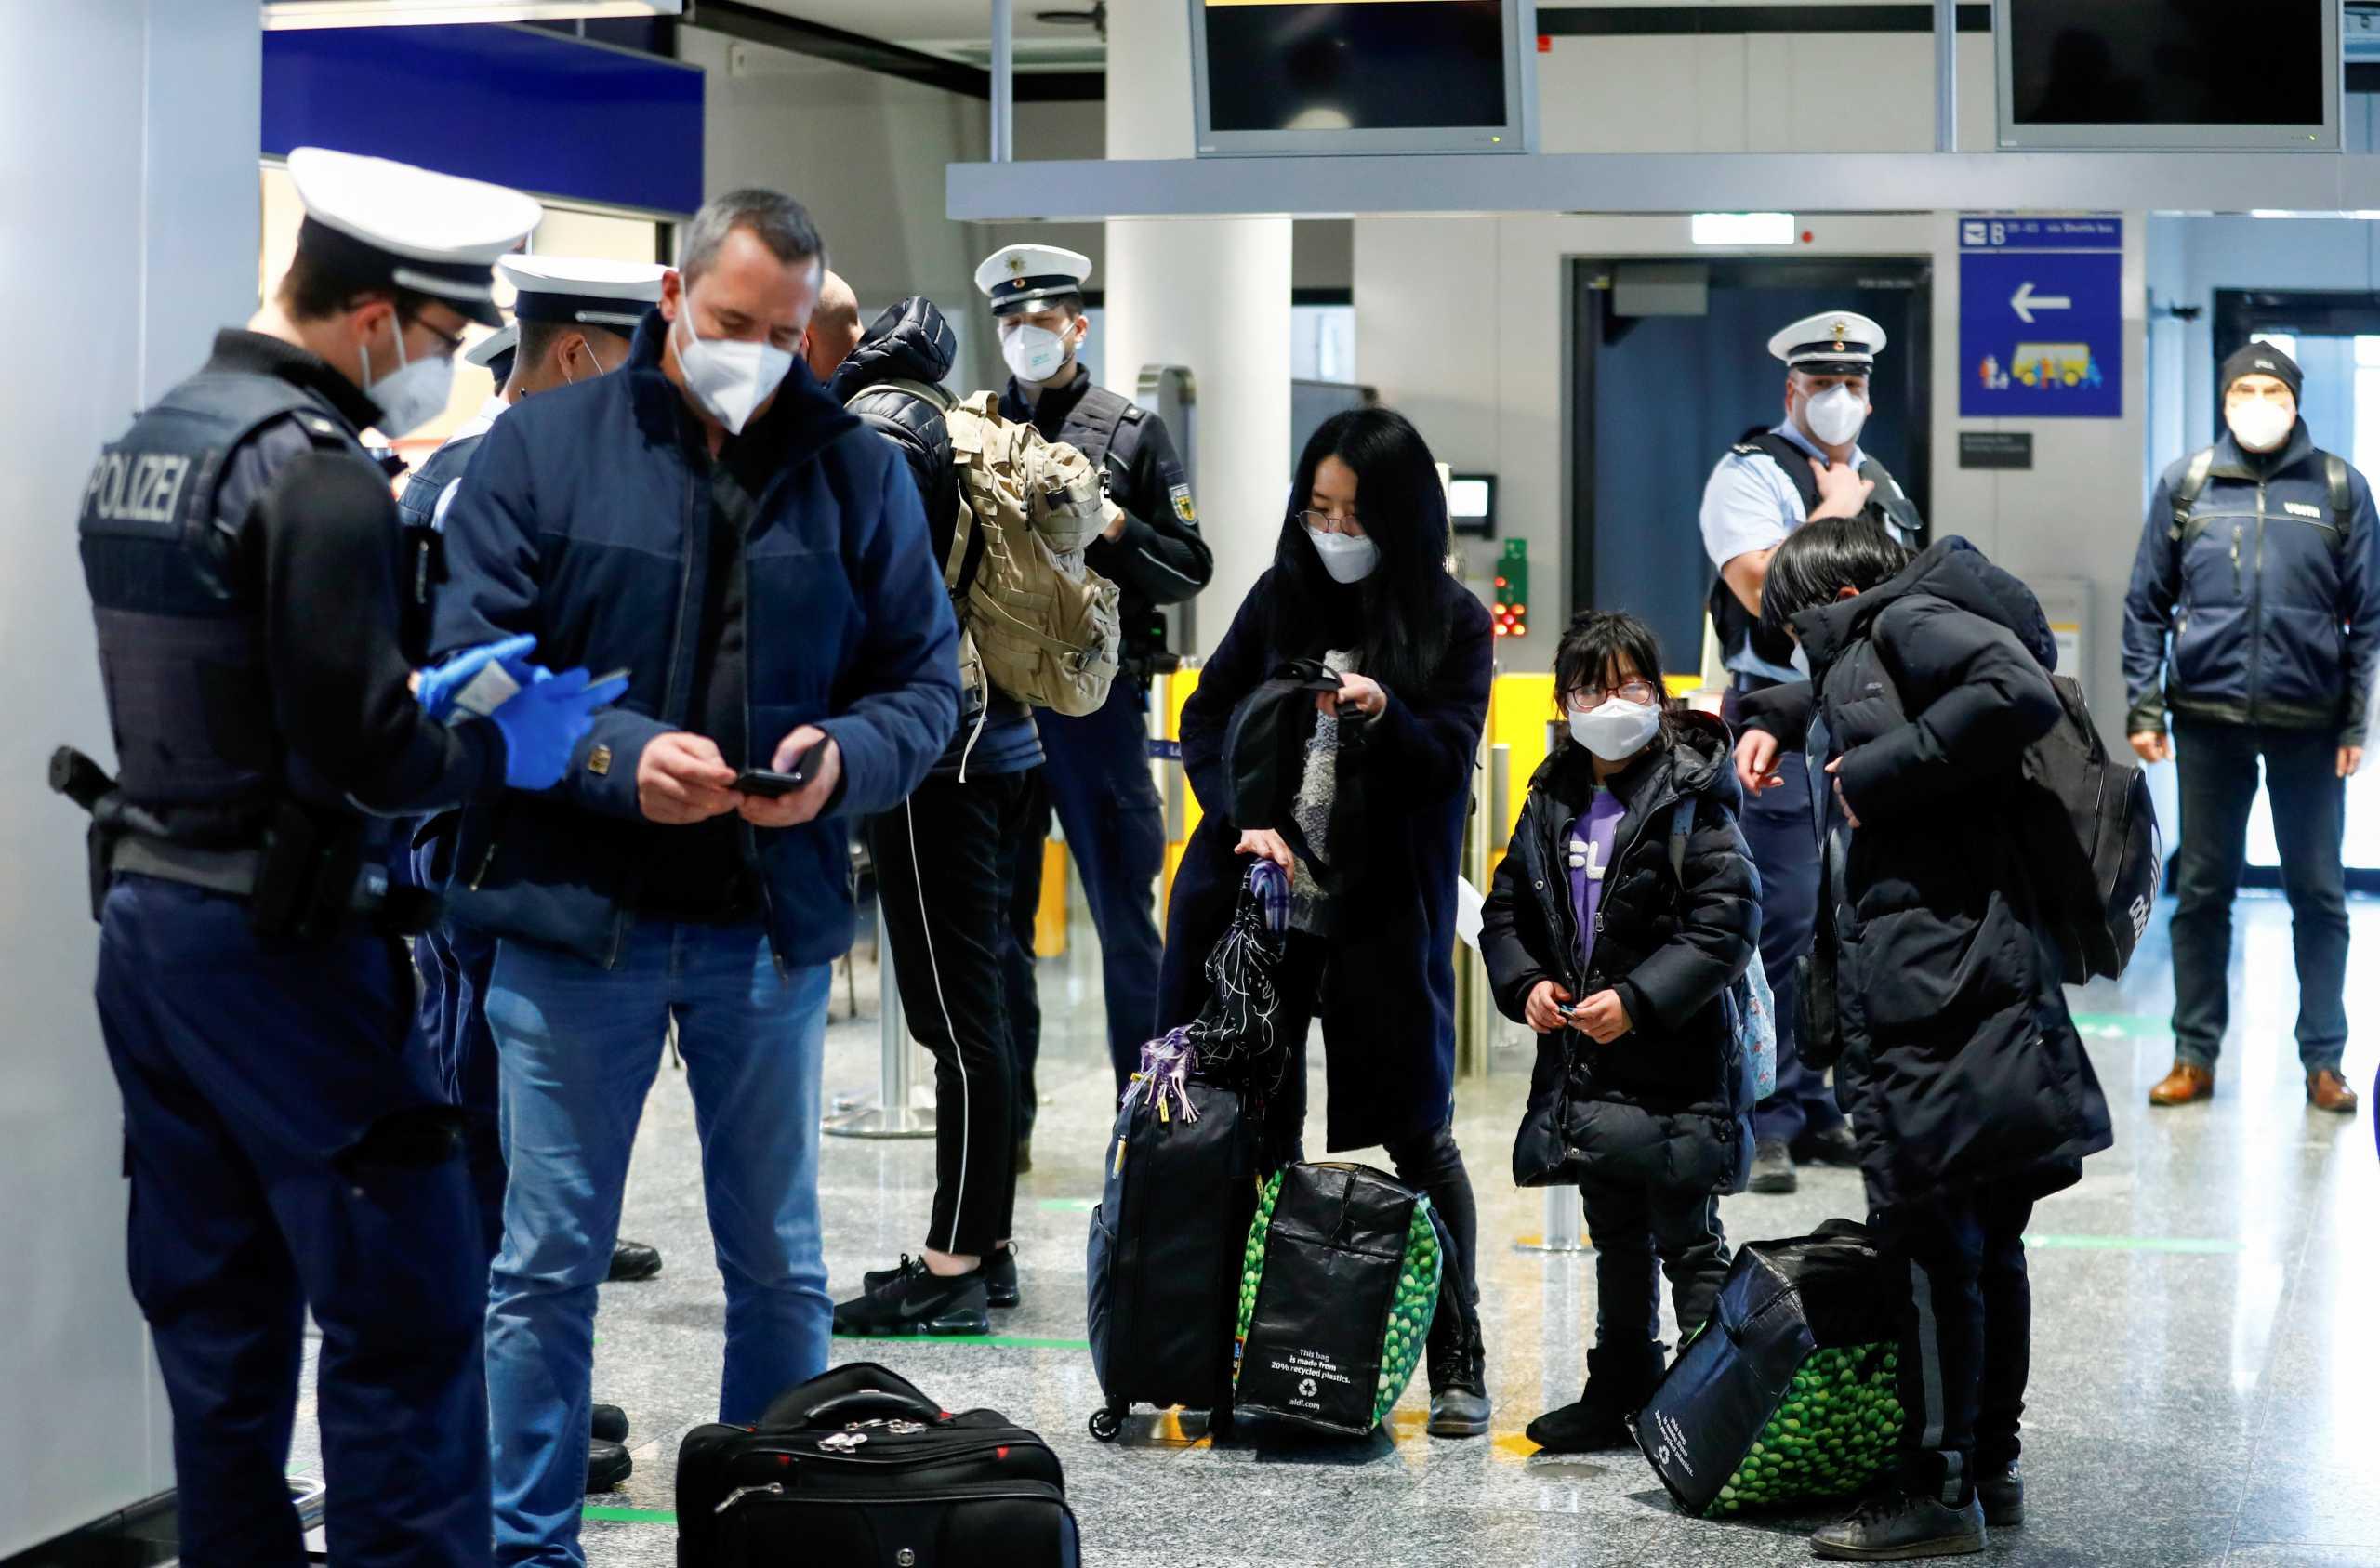 Αρνητικό τεστ κορονοϊού πρέπει να έχουν οι ταξιδιώτες πριν μπουν σε πτήση προς Γερμανία